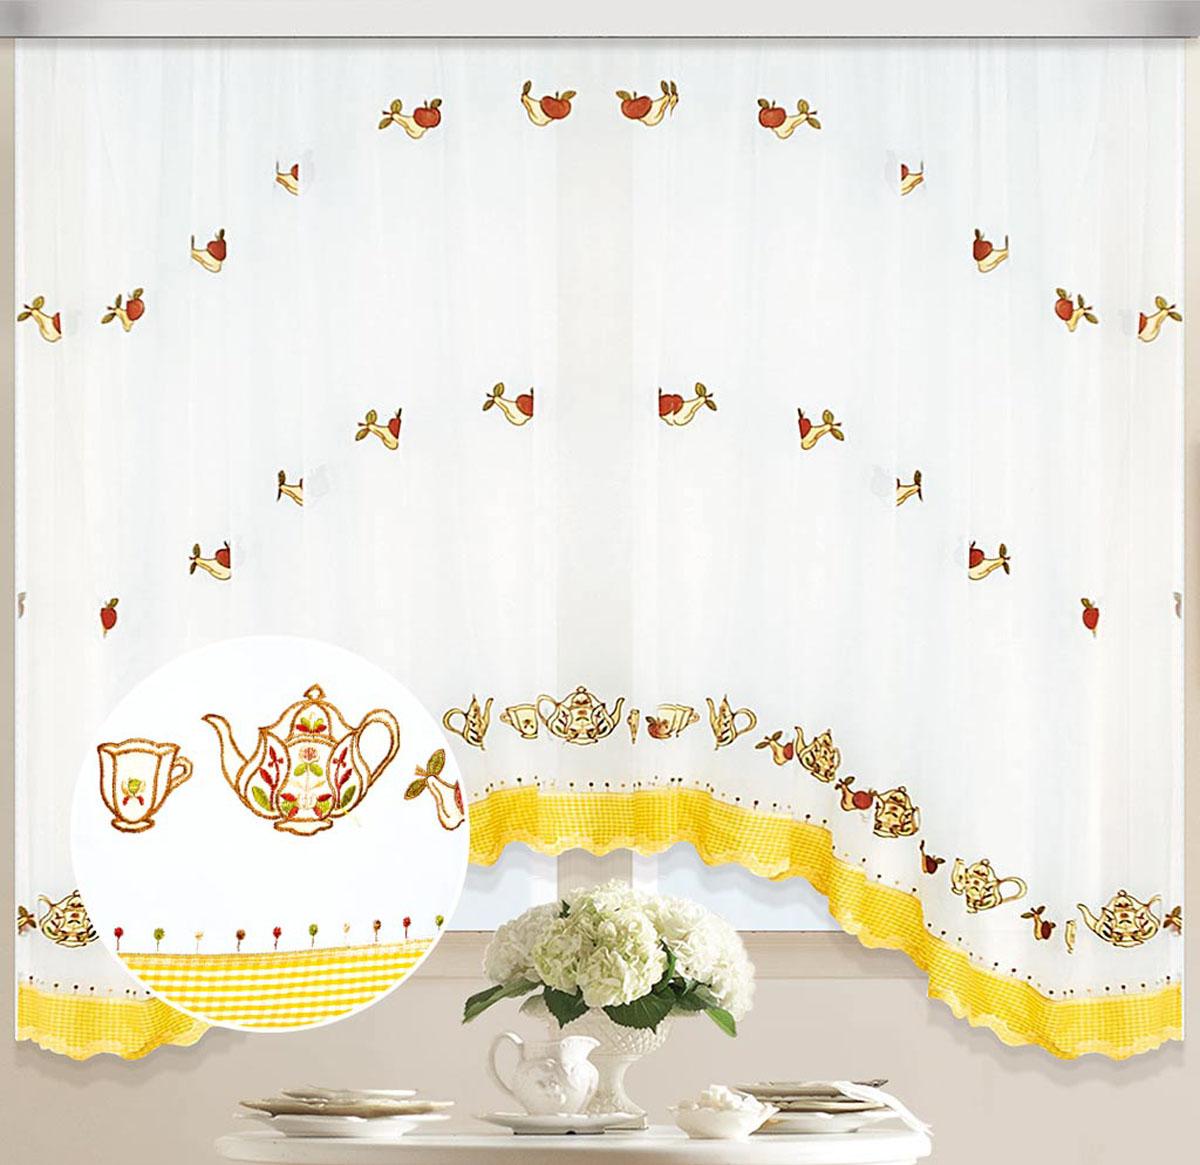 Штора Арка. Вкус, на ленте, цвет: белый, желтый , высота 170 см80115Вуалевое полотно с вышивкой. Стирка не более 30 градусов